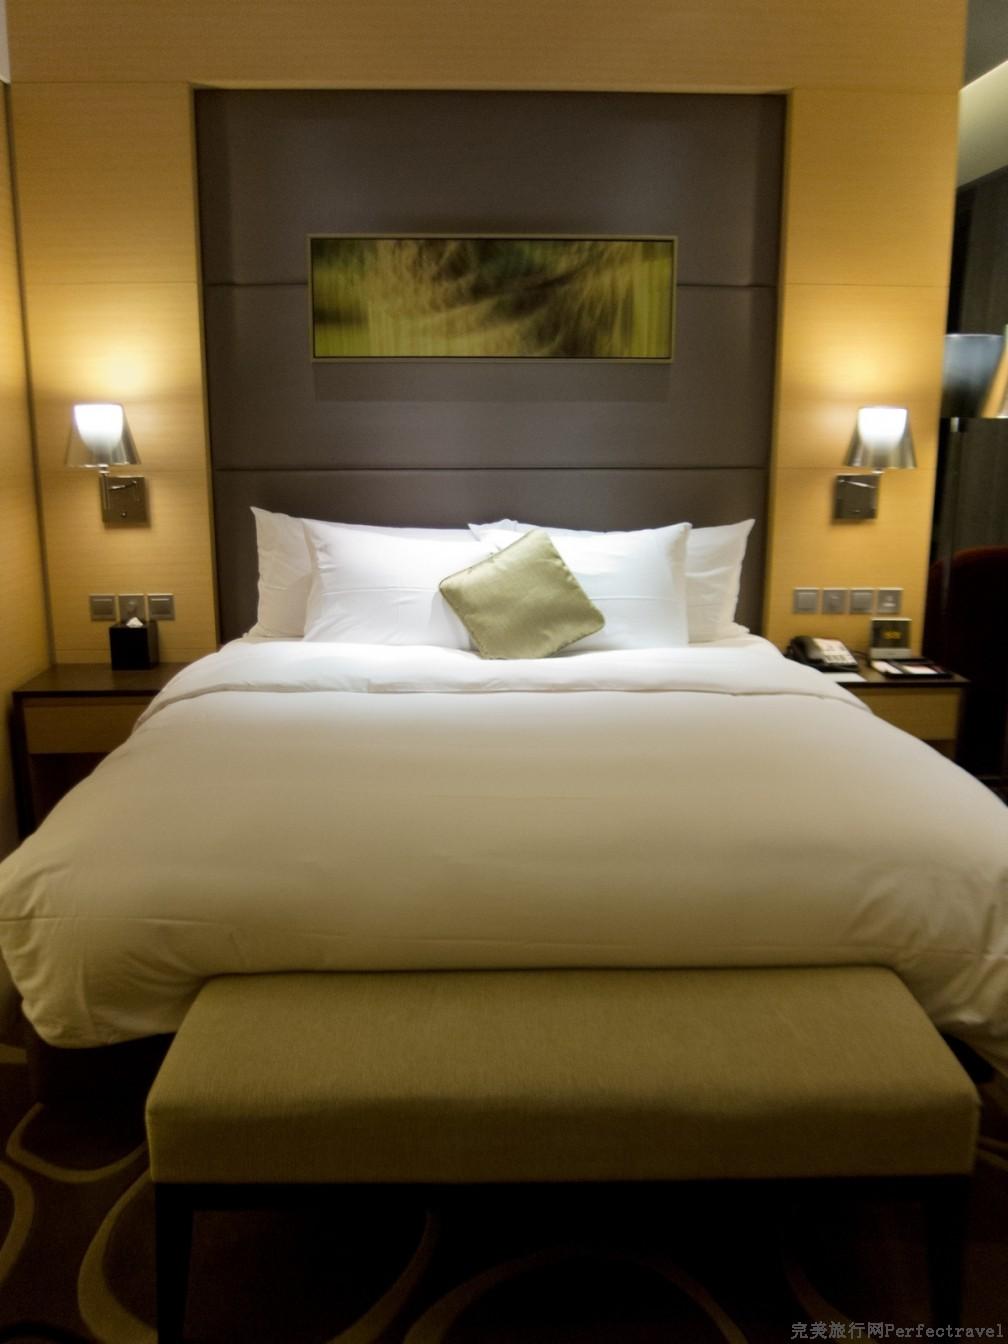 香港既想购物,又想住得好的好选择:香港铜锣湾皇冠假日酒店 - 完美旅行Perfectravel - 完美旅行Perfectravel的博客